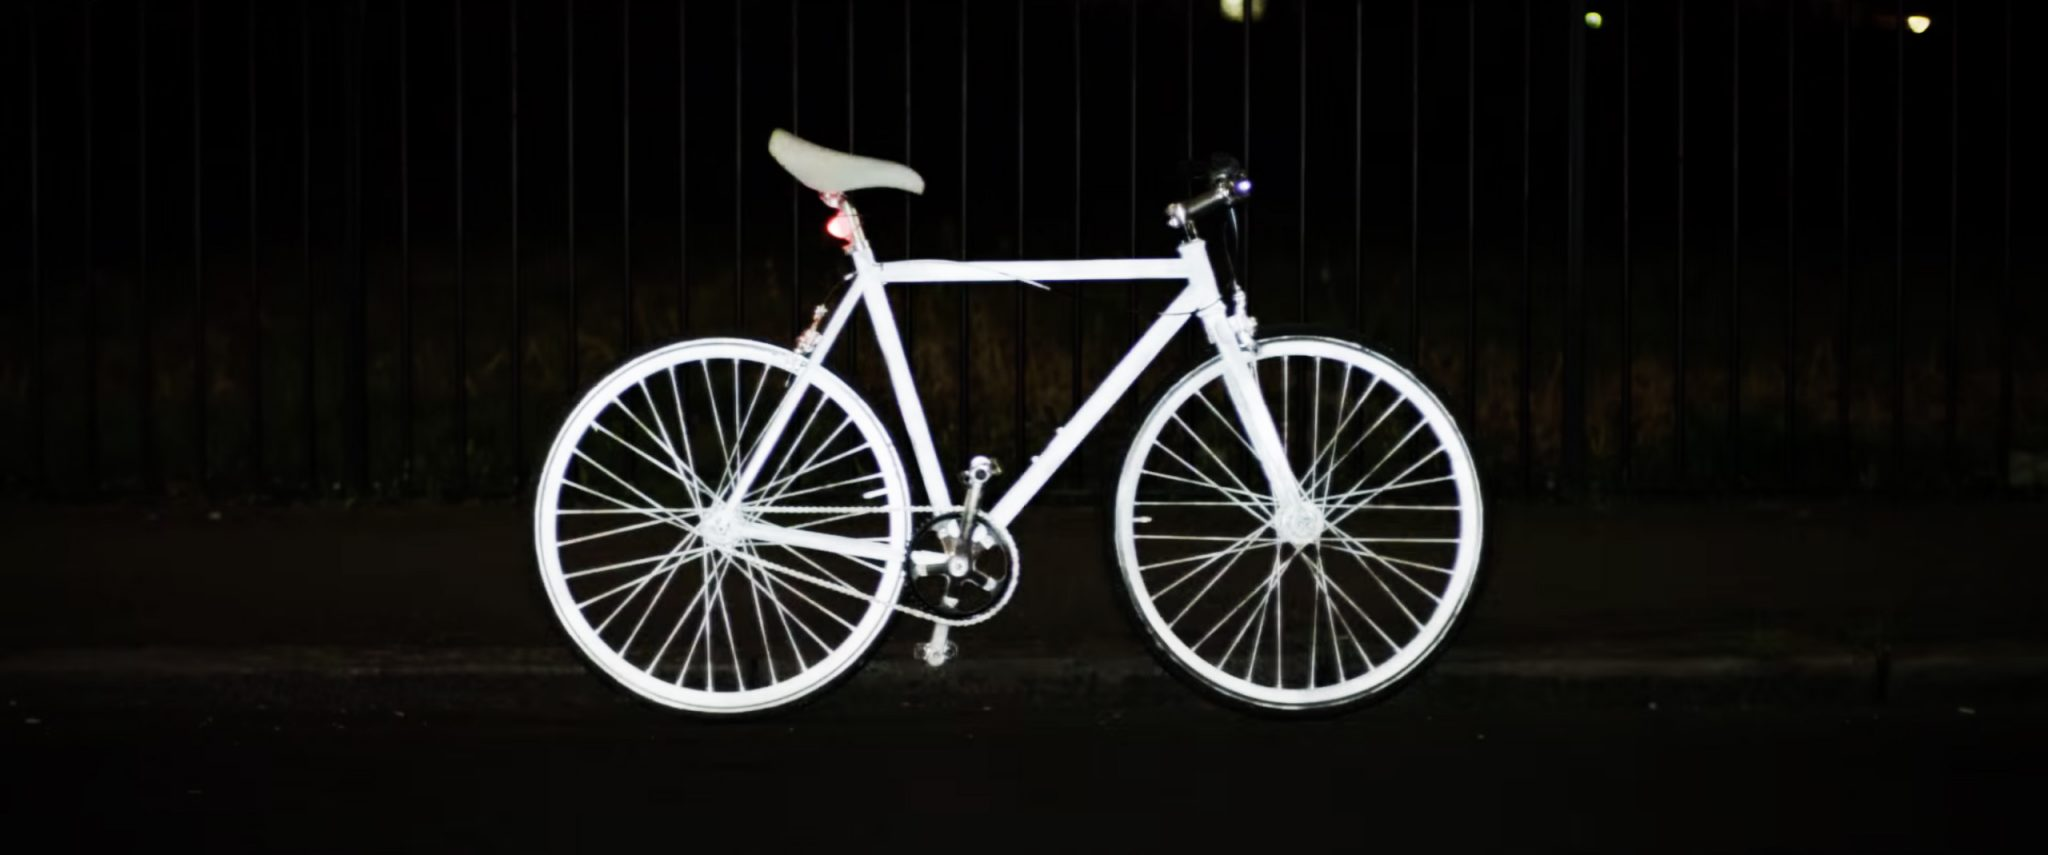 Albedo100 semipermanente para reflectar bicicletas